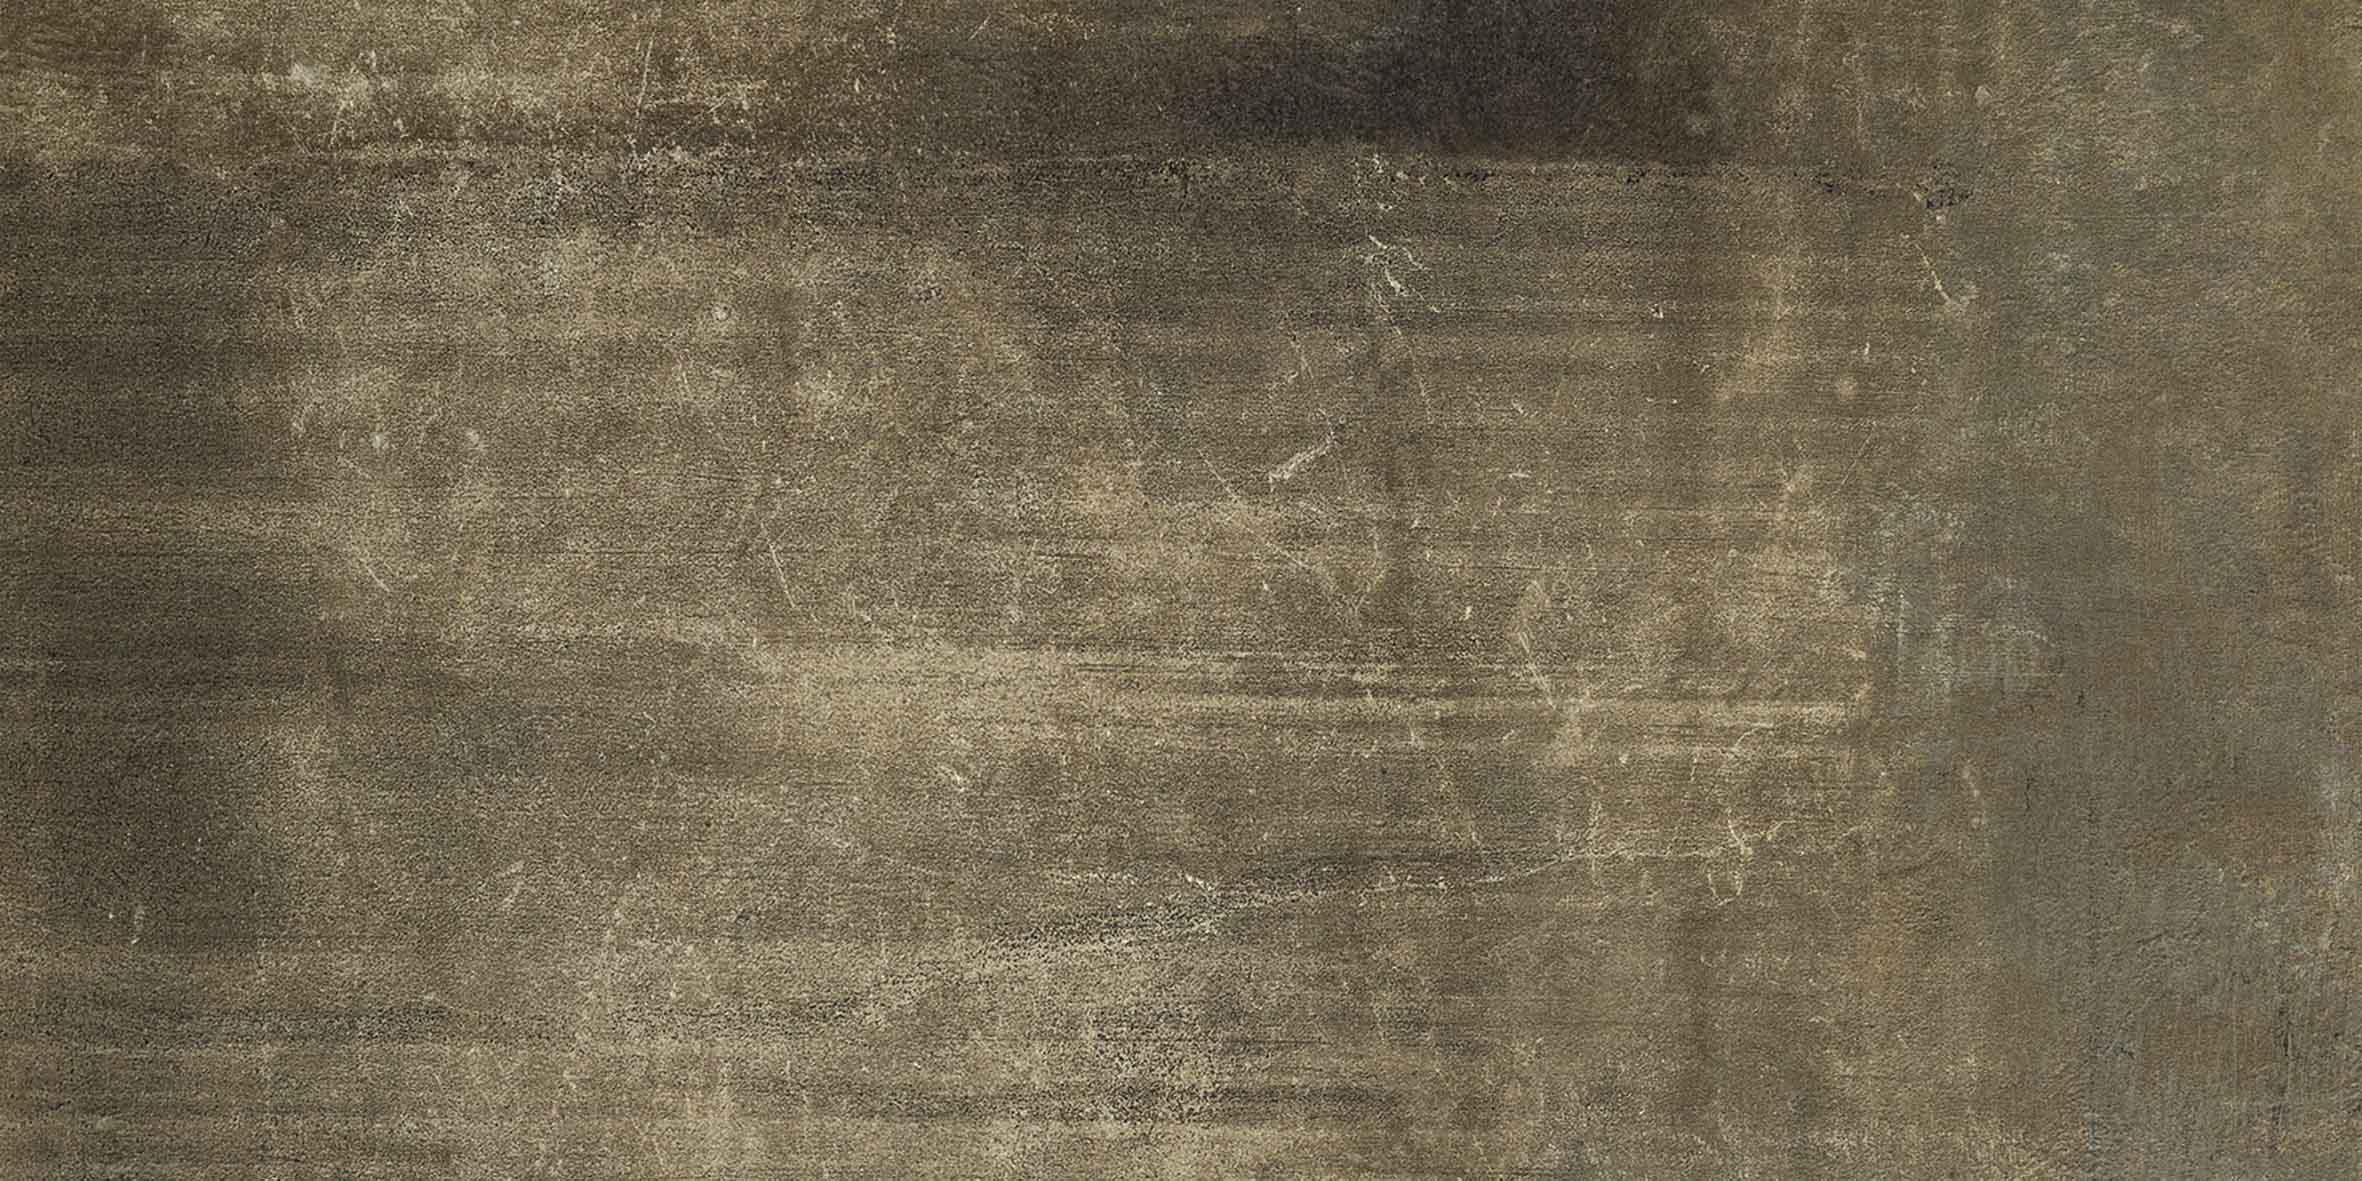 Matieres de Rex Brun Matte 10mm 60 x 120